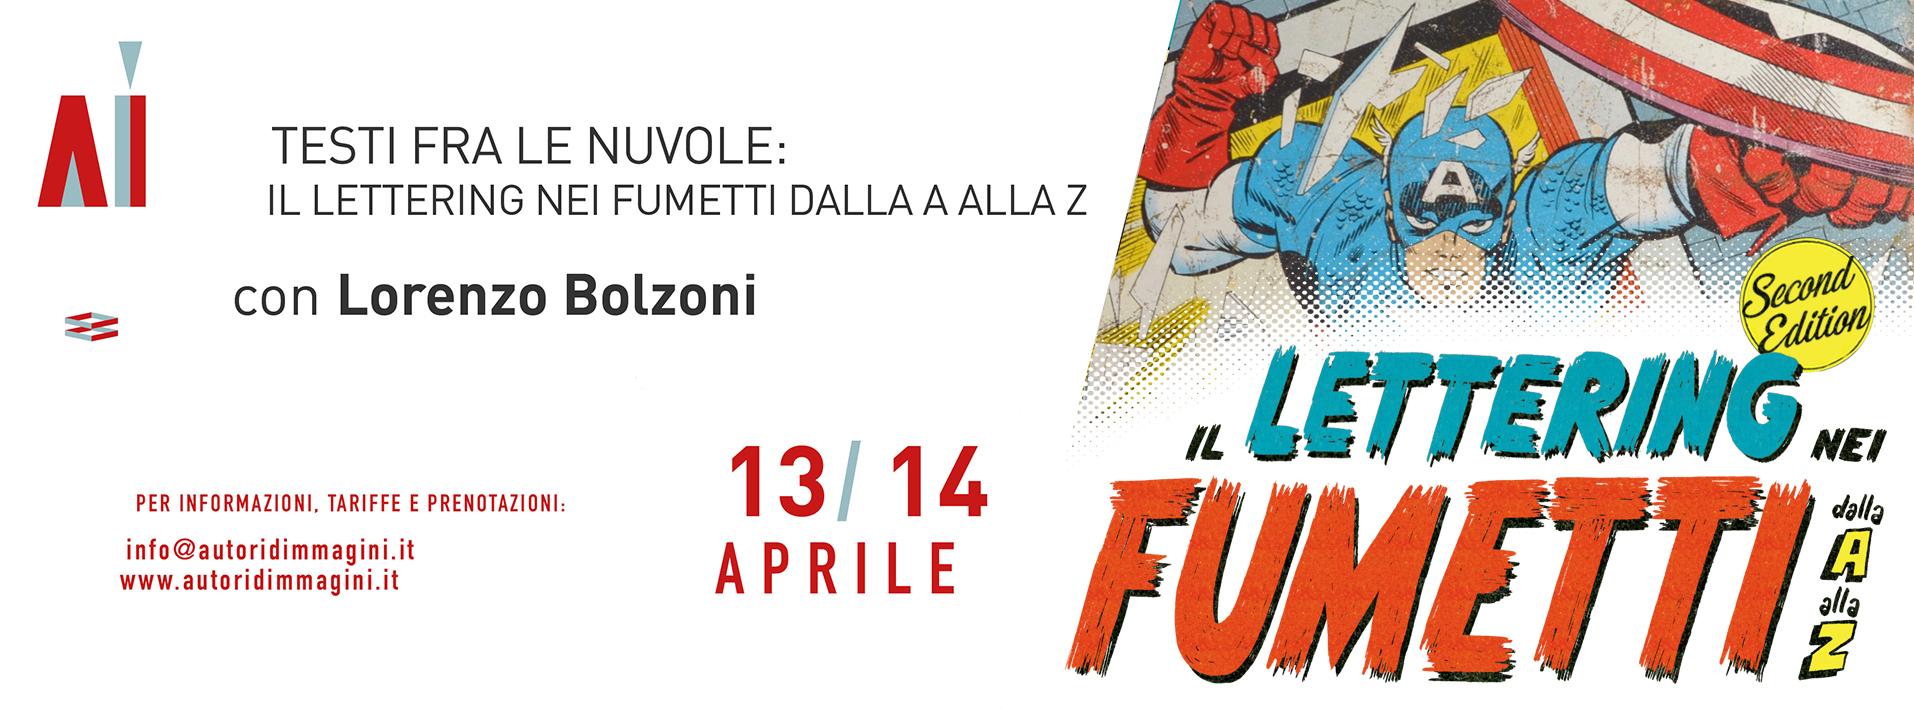 Testi tra le nuvole – Il lettering nei fumetti dalla A alla Z con Lorenzo Bolzoni